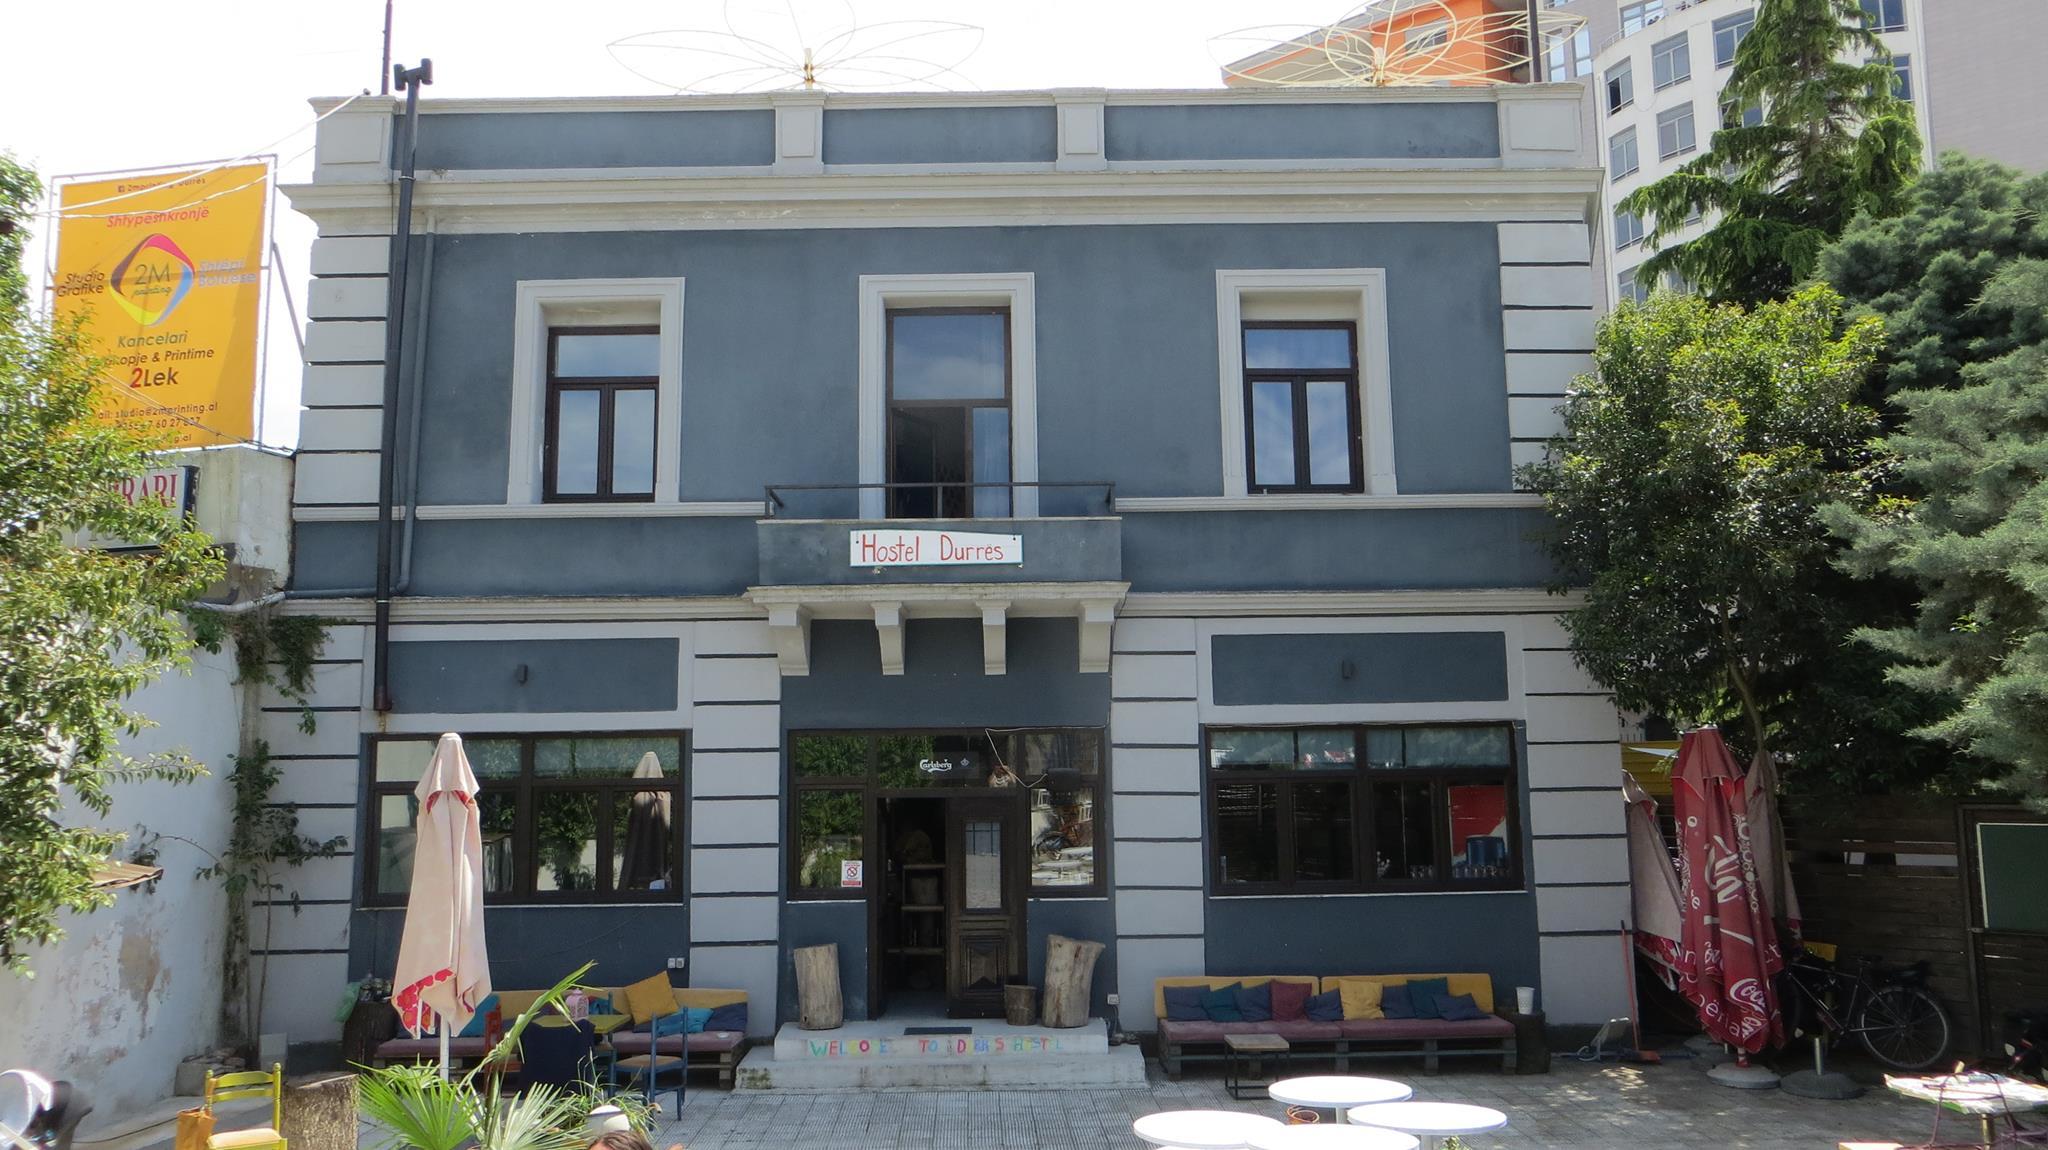 Hostel Durrës